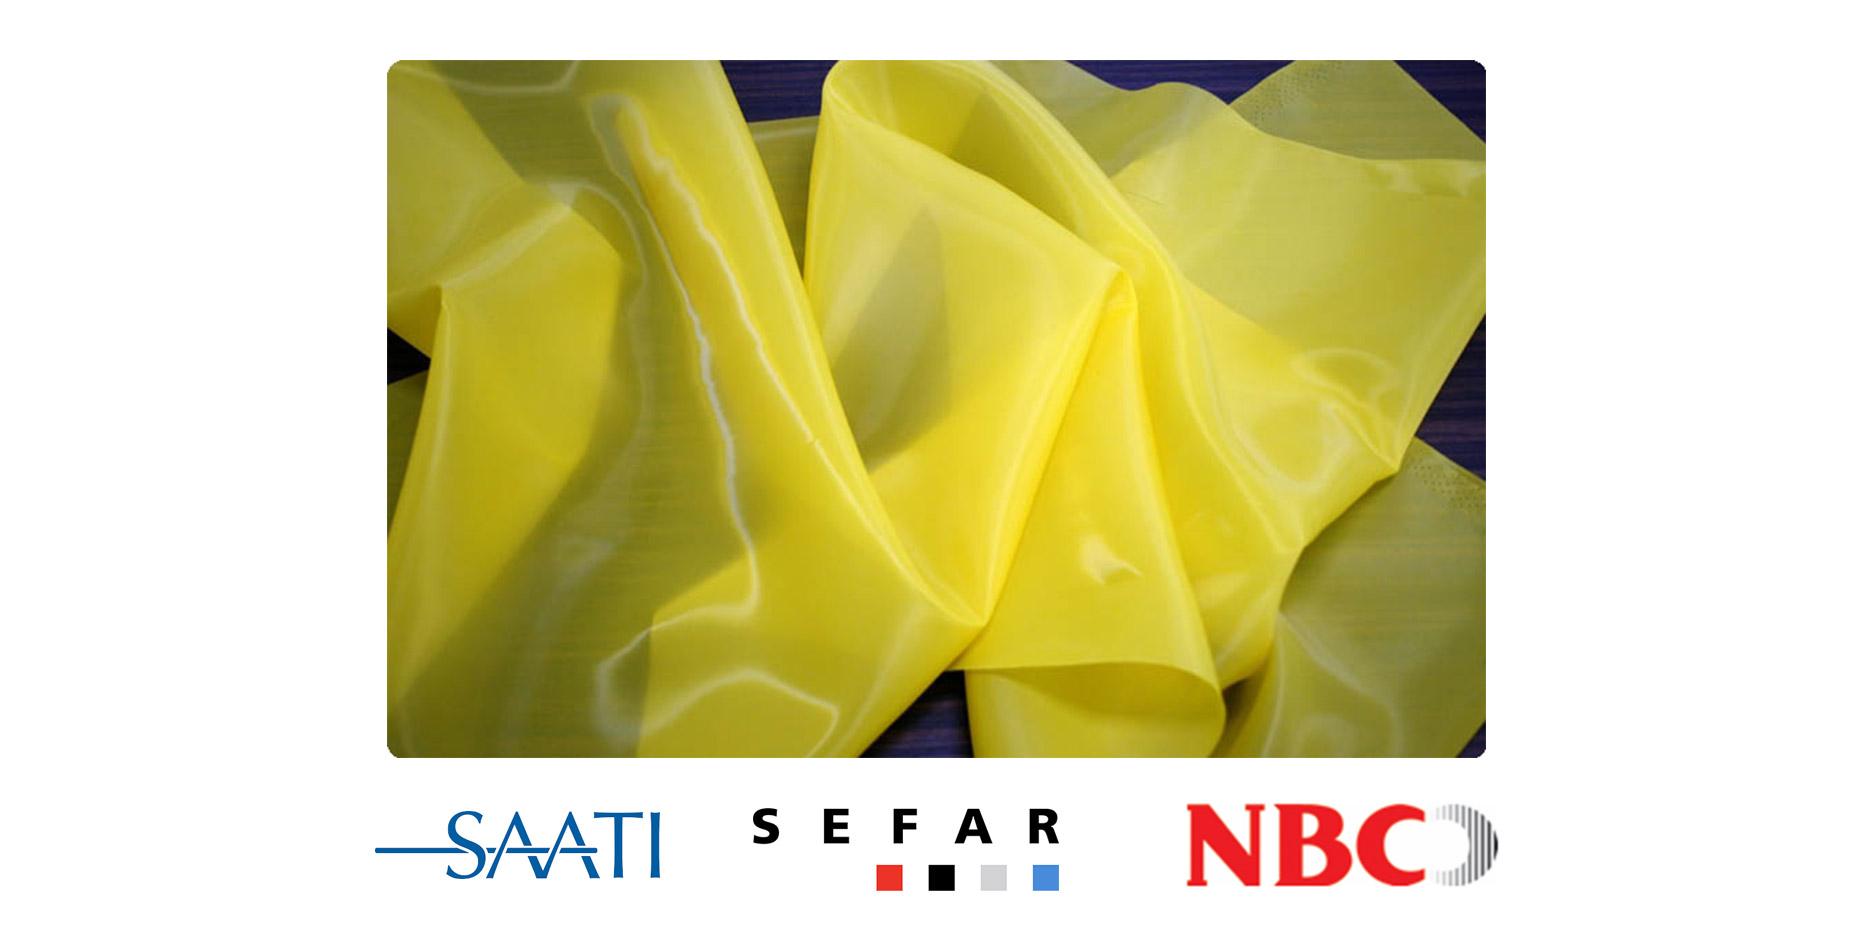 Tejido Nylon - Saati - Sefar - NBC - Sedas y Tejidos - Prisma Screen Digital - Bogota